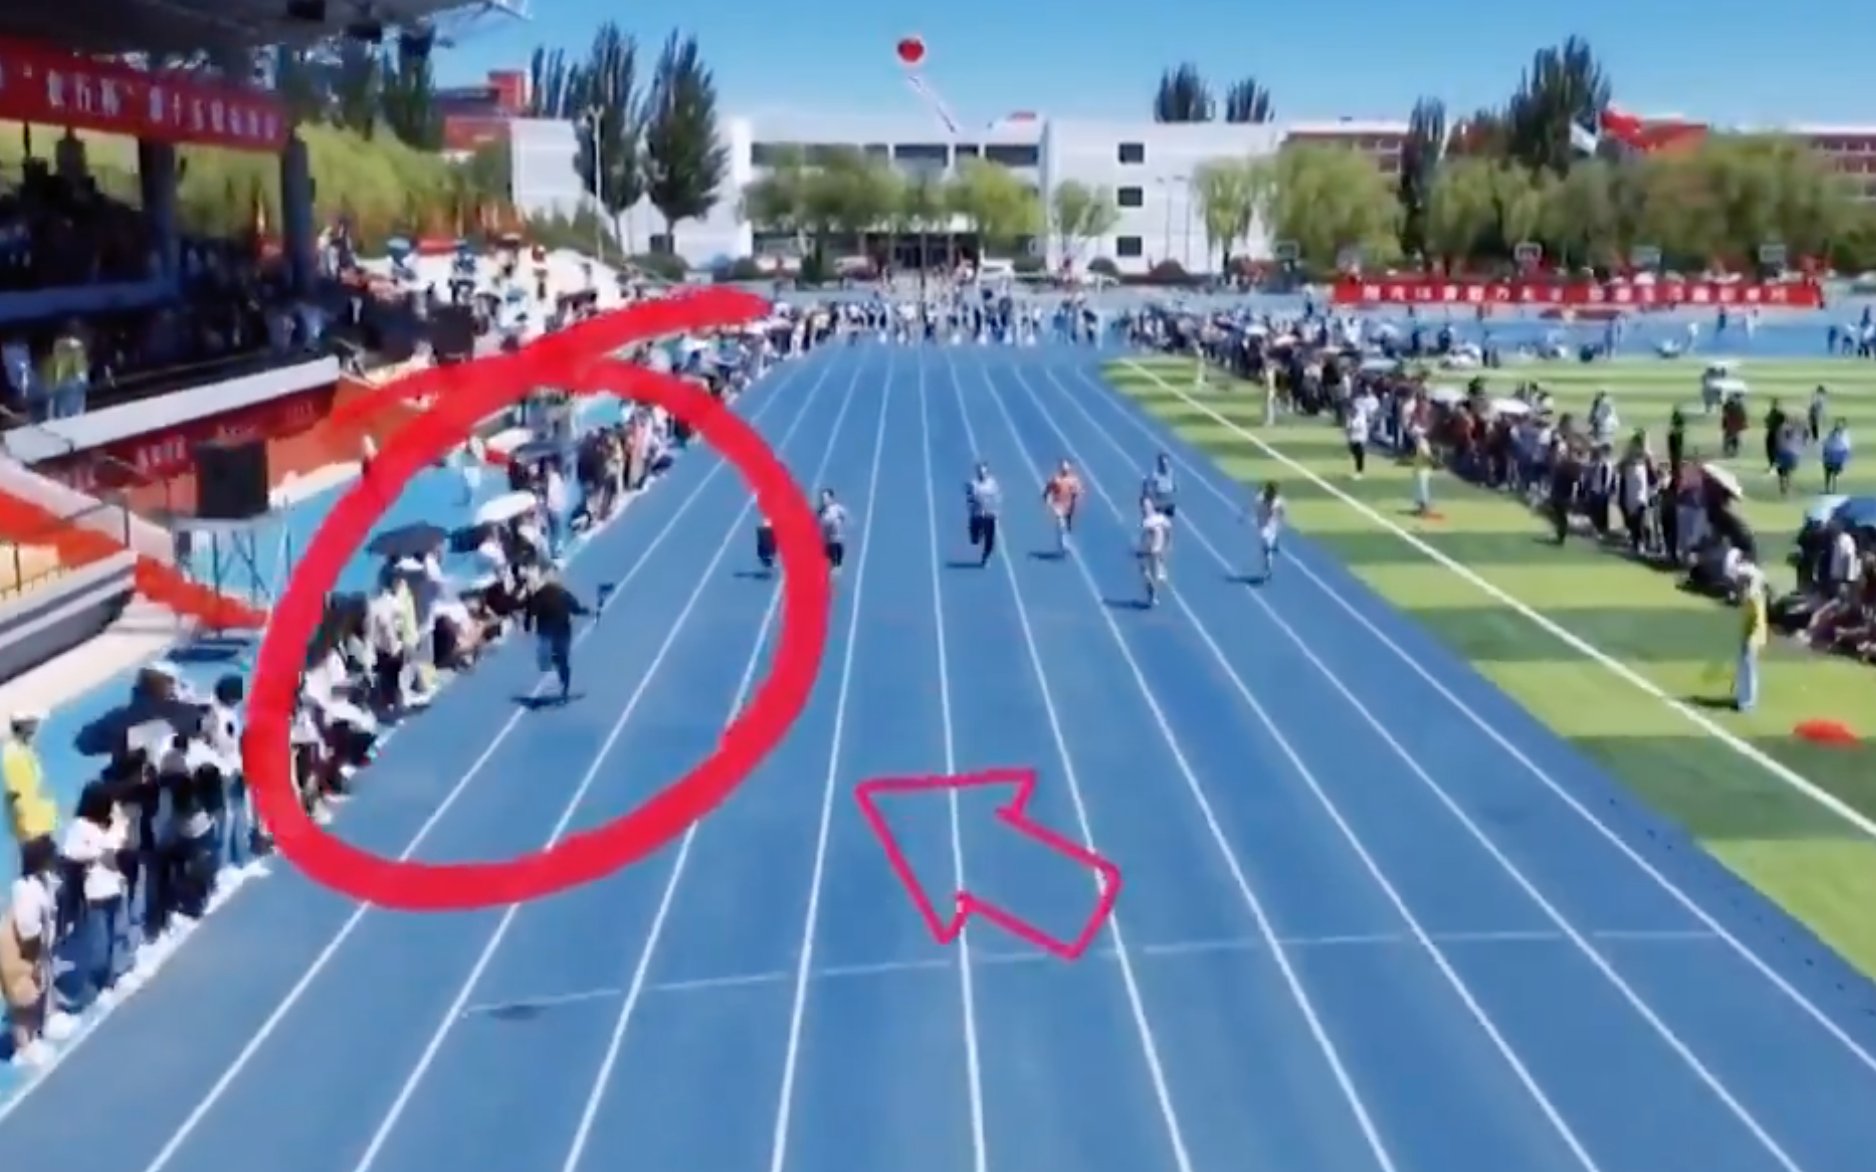 Cameraman (khoanh đỏ) chạy ở làn ngoài cùng. Ảnh chụp màn hình.